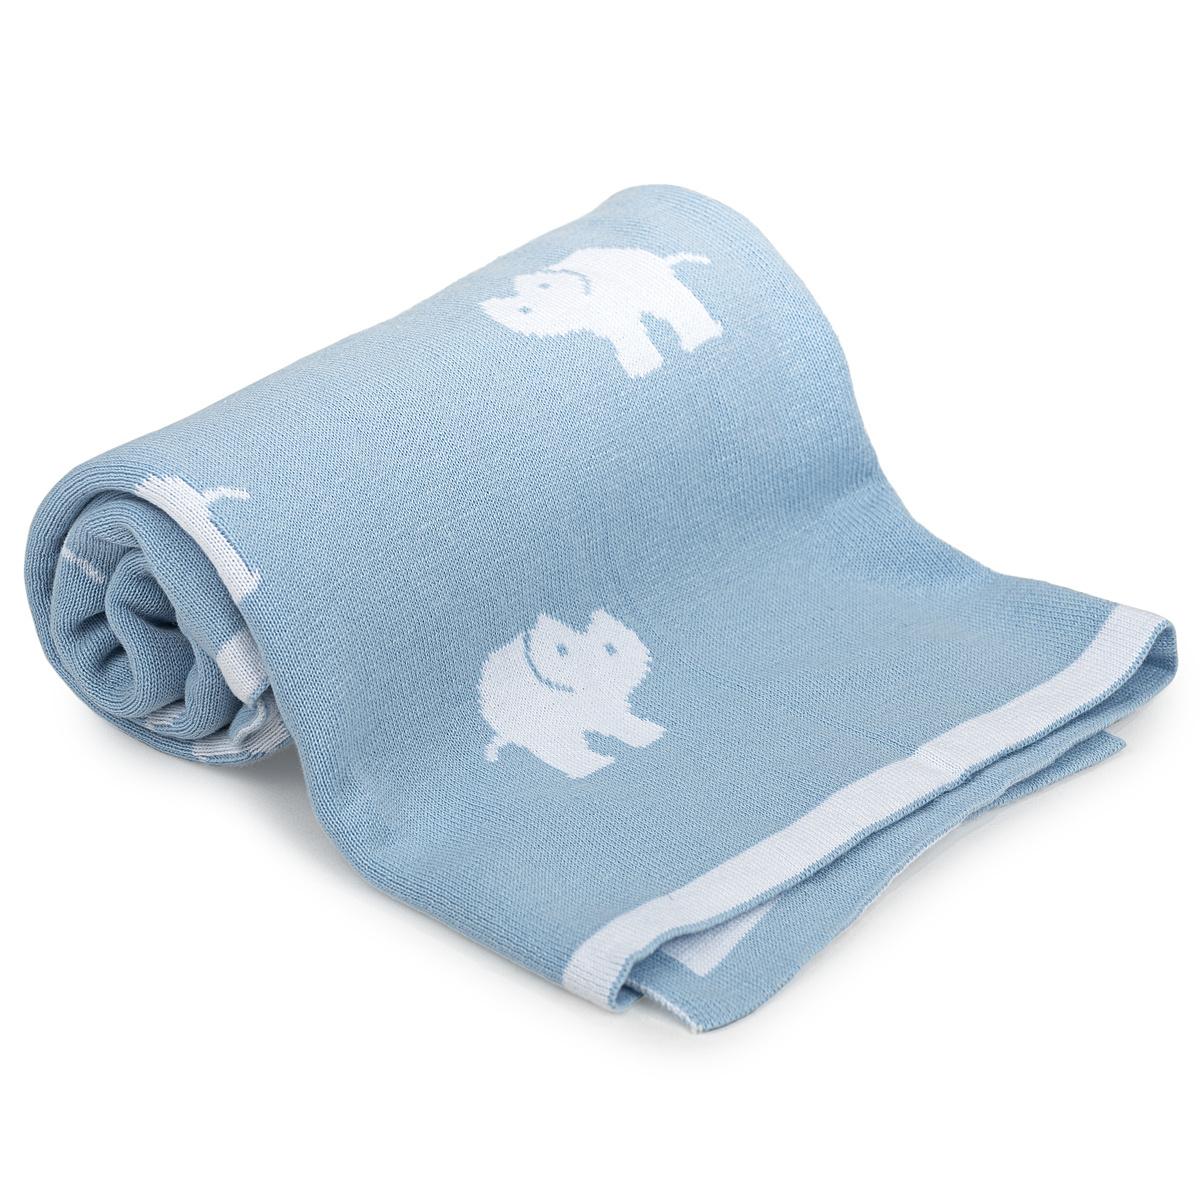 4Home Dětská bavlněná deka Sloni, 70 x 90 cm